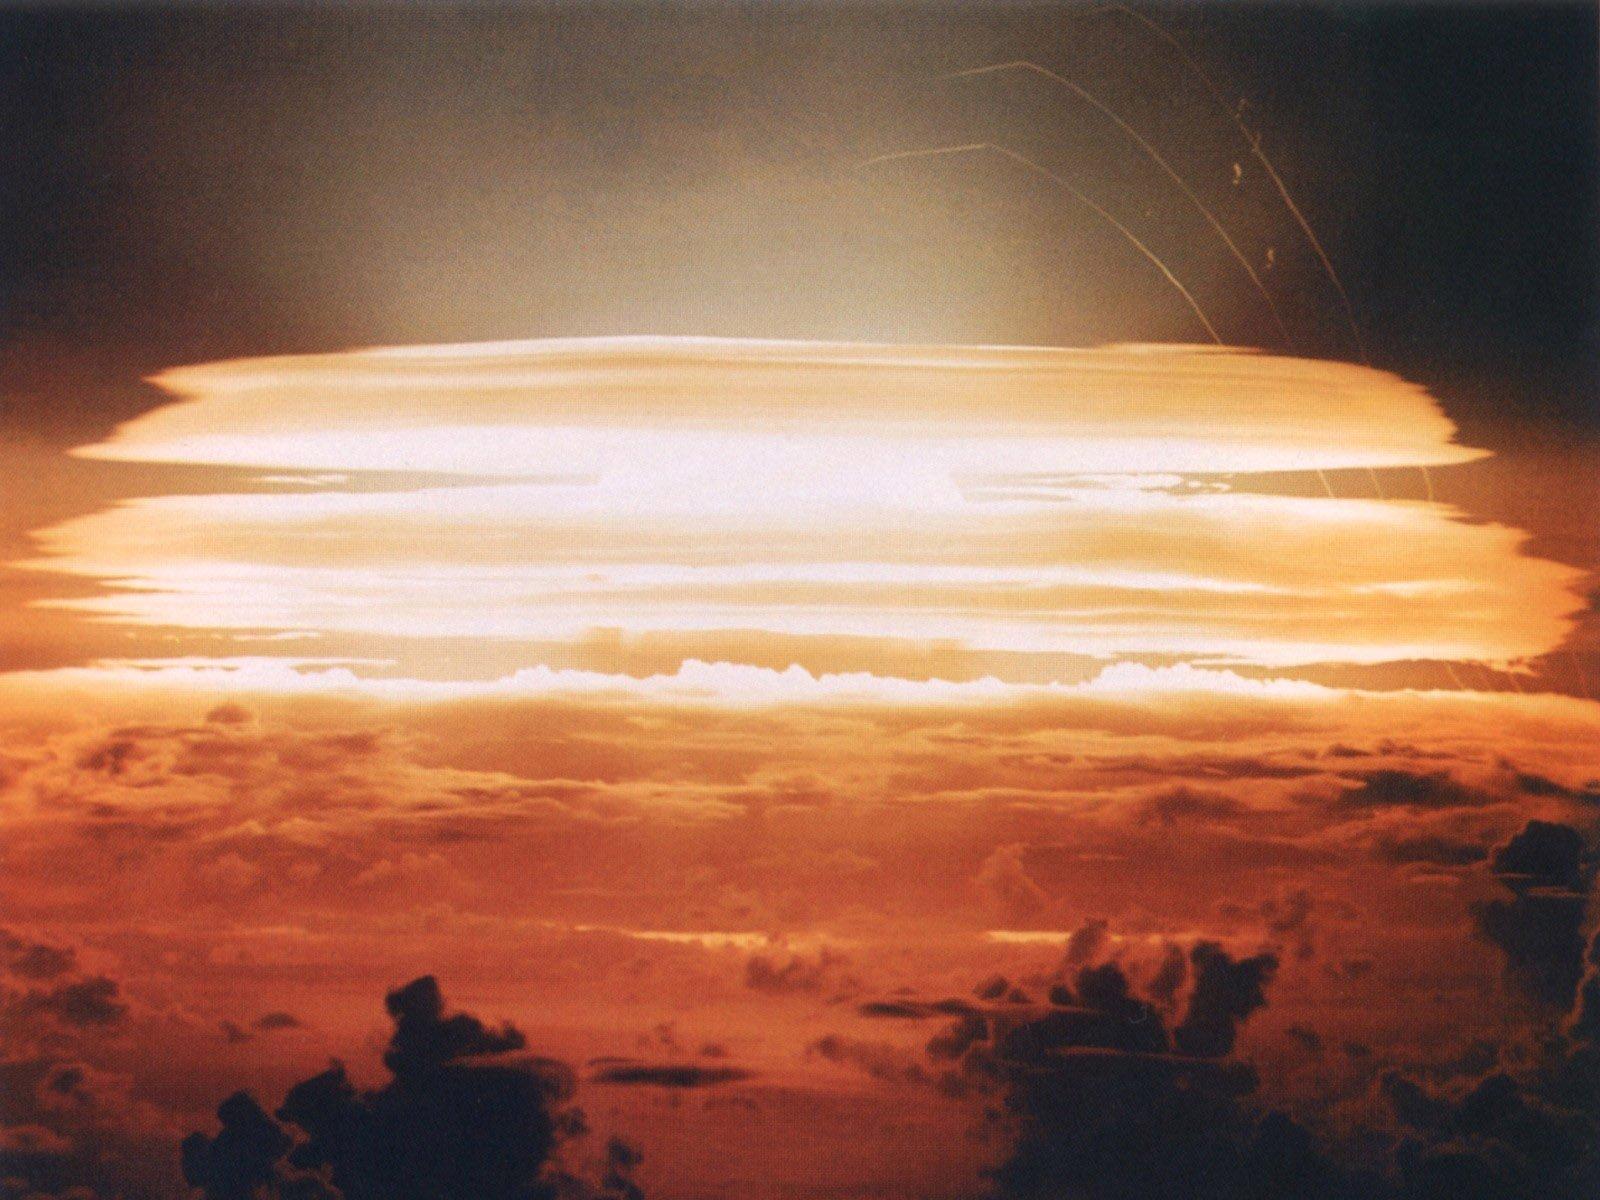 США оценят способность РФ иКитая пережить ядерный удар